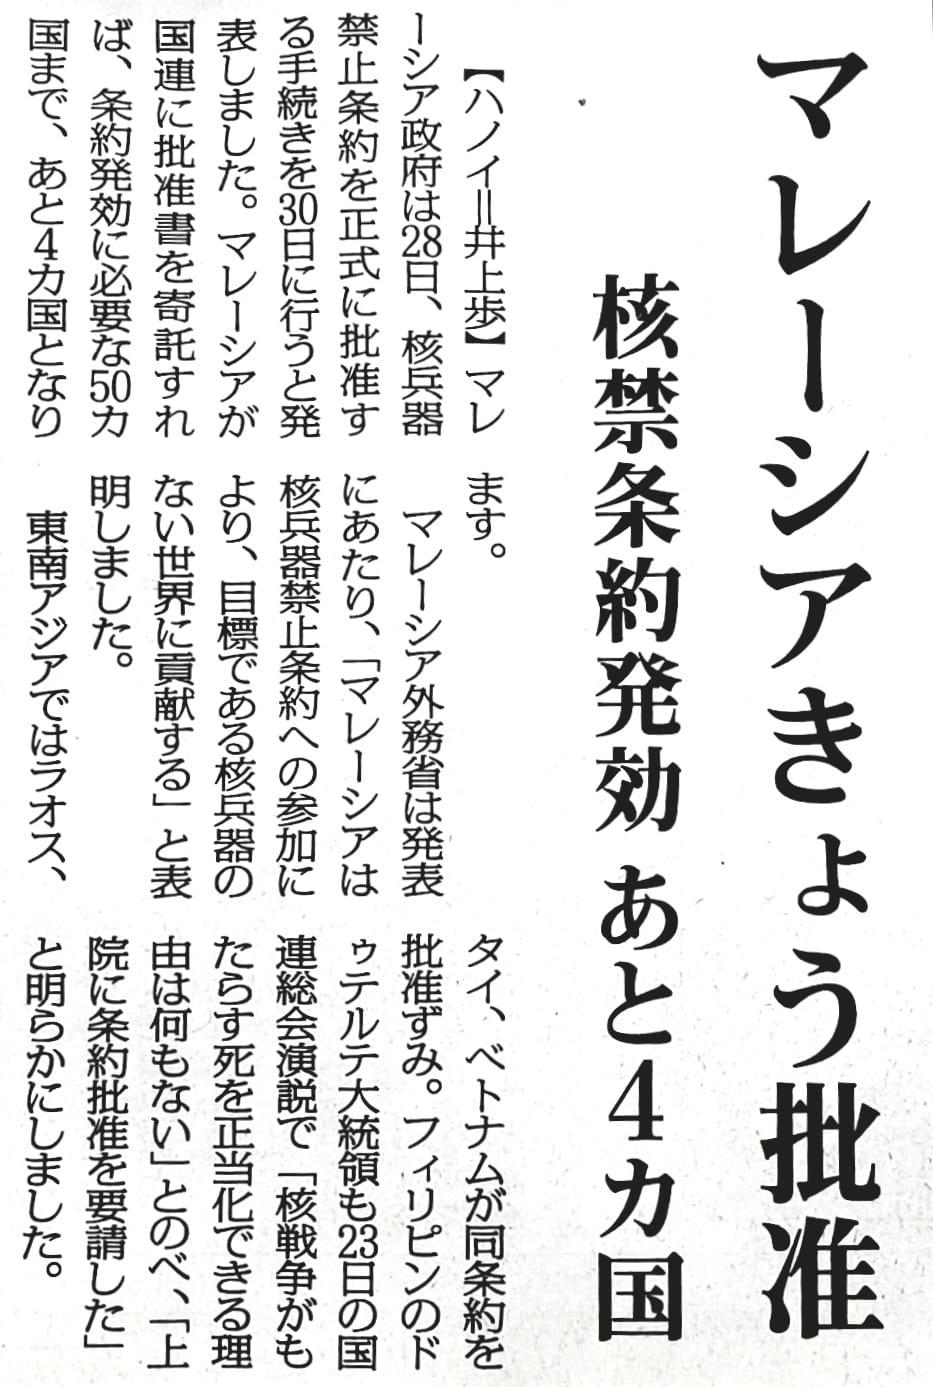 核兵器禁止条約 批准状況と長崎・被爆5団体からの再要望 付)長崎原爆 ...